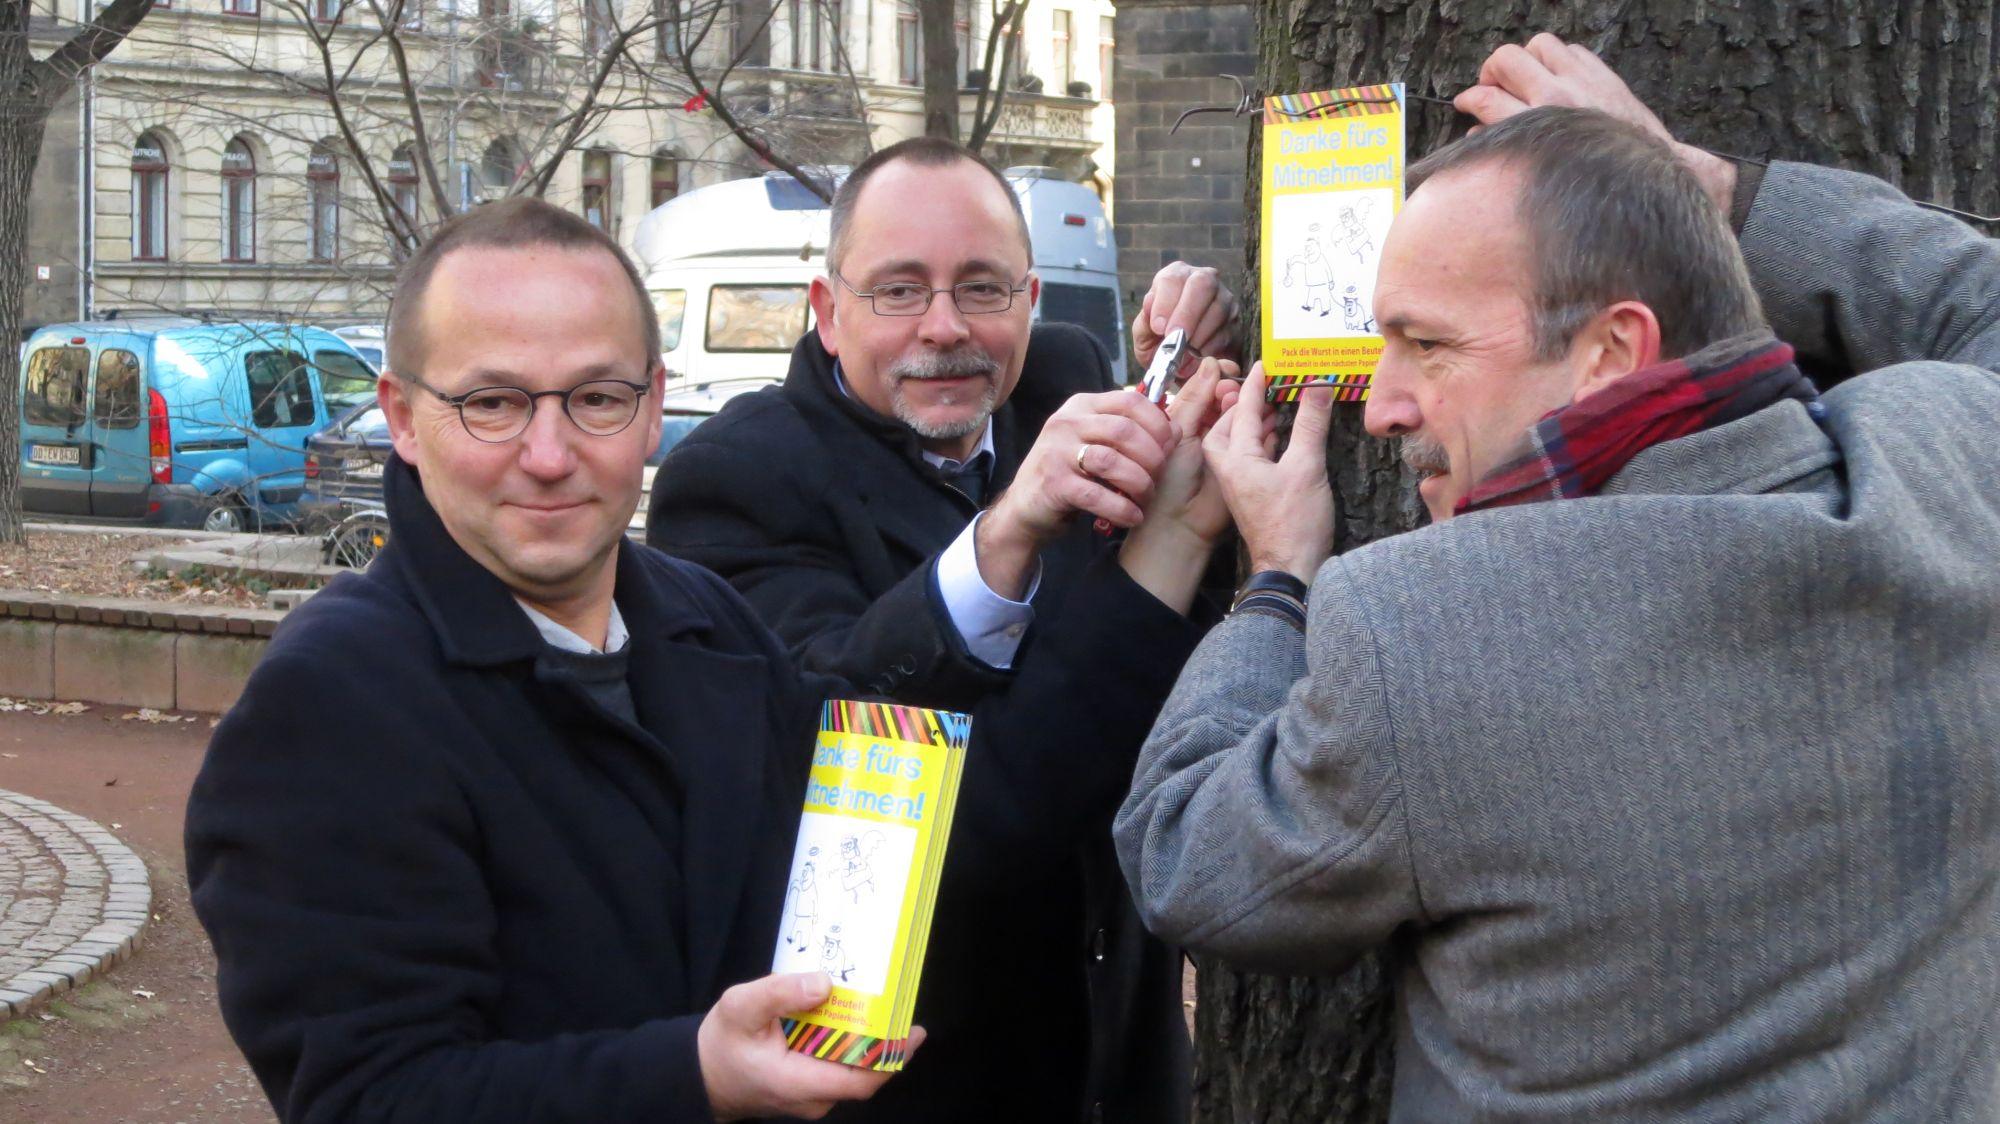 Pfarrer, Ortsamtsleiter und Grünflächen-Chef hängen eine Tafel auf.